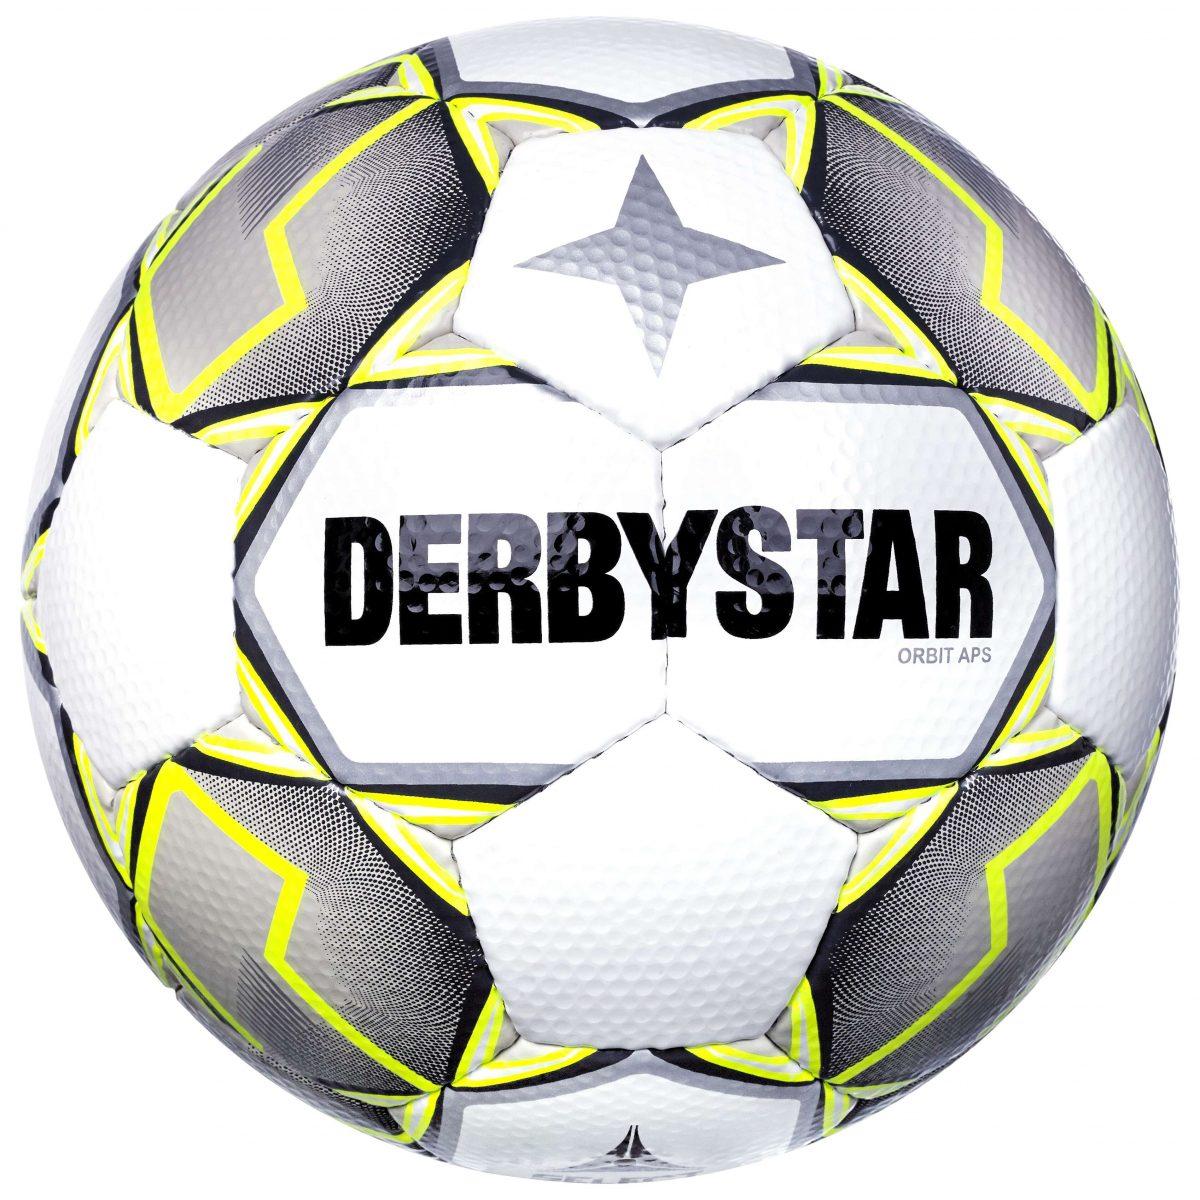 """Derbystar Fußball """"Orbit APS"""" - Bälle - Derbystar"""